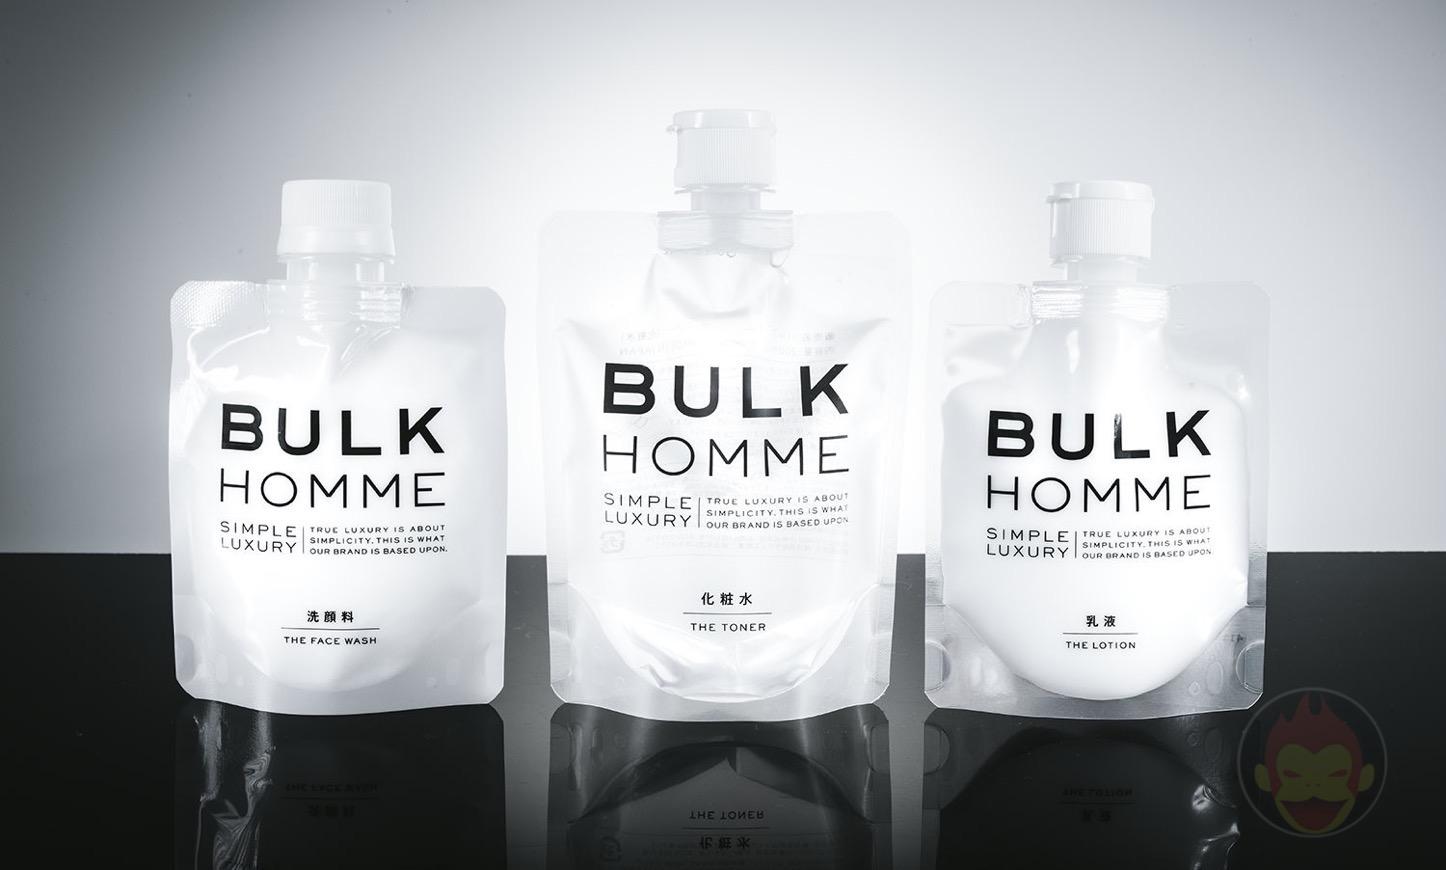 BULK-HOMME-GoriMe-06.jpg